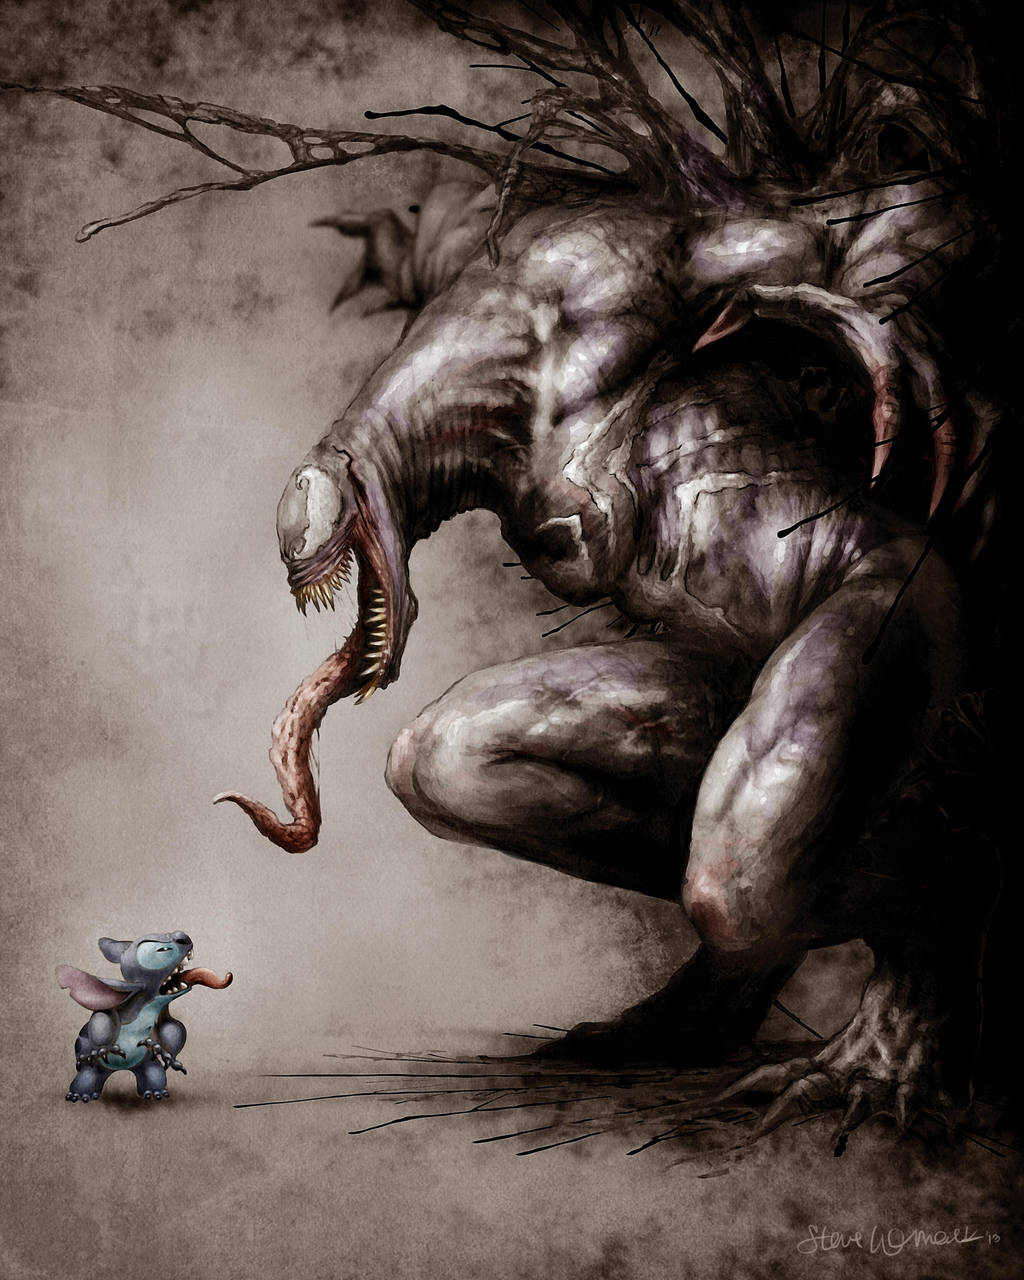 Stitch vs Venom by SBWomack